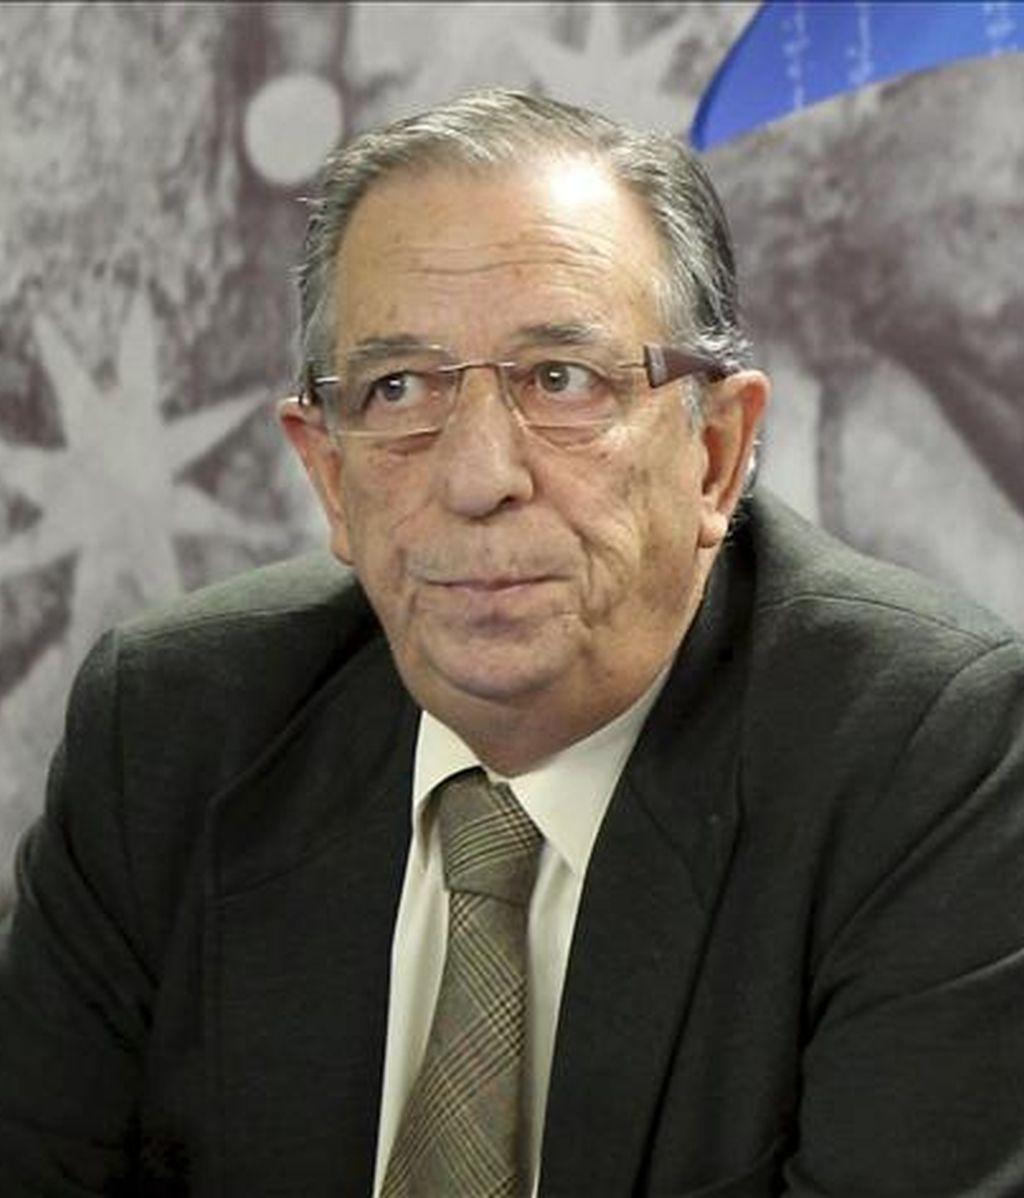 El presidente del Instituto Castellano y Leonés de la Lengua, Gonzalo Santonja. EFE/Archivo